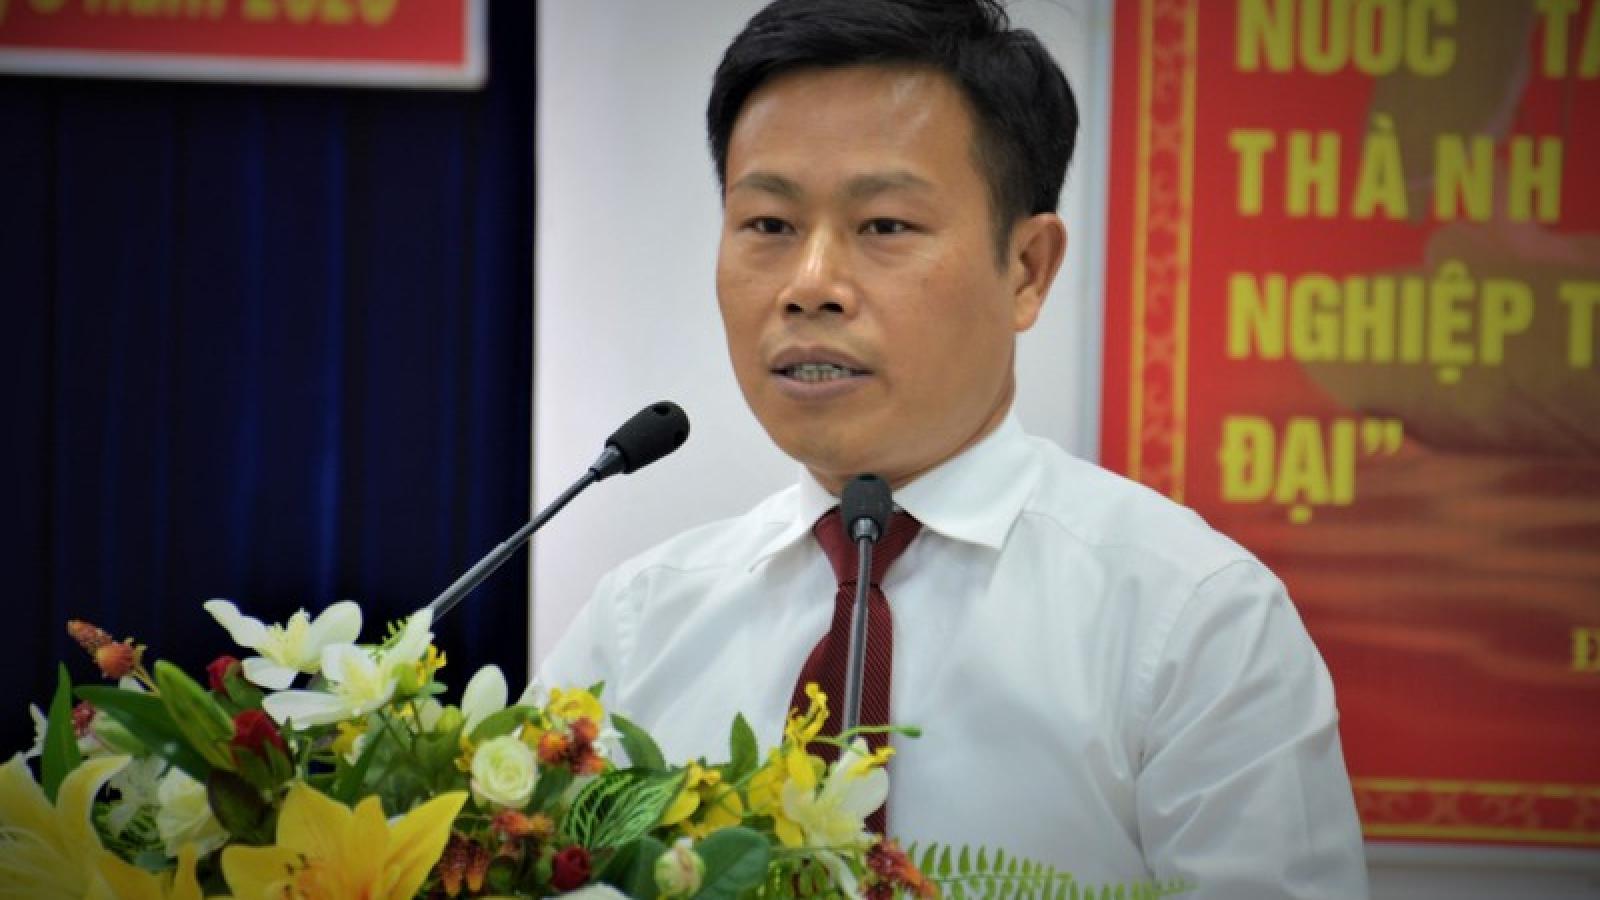 Ông Lê Quân làm Phó Bí thư Tỉnh ủy Cà Mau